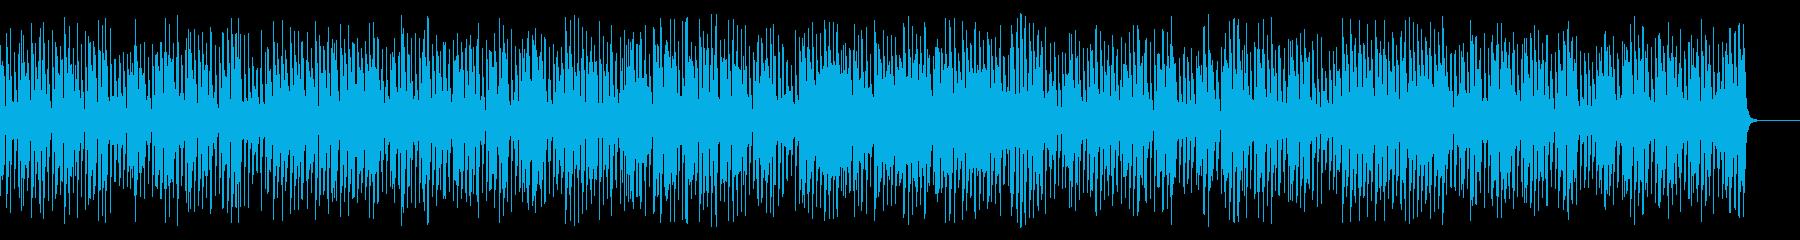 速くて明るい陽気なジプシージャズの再生済みの波形